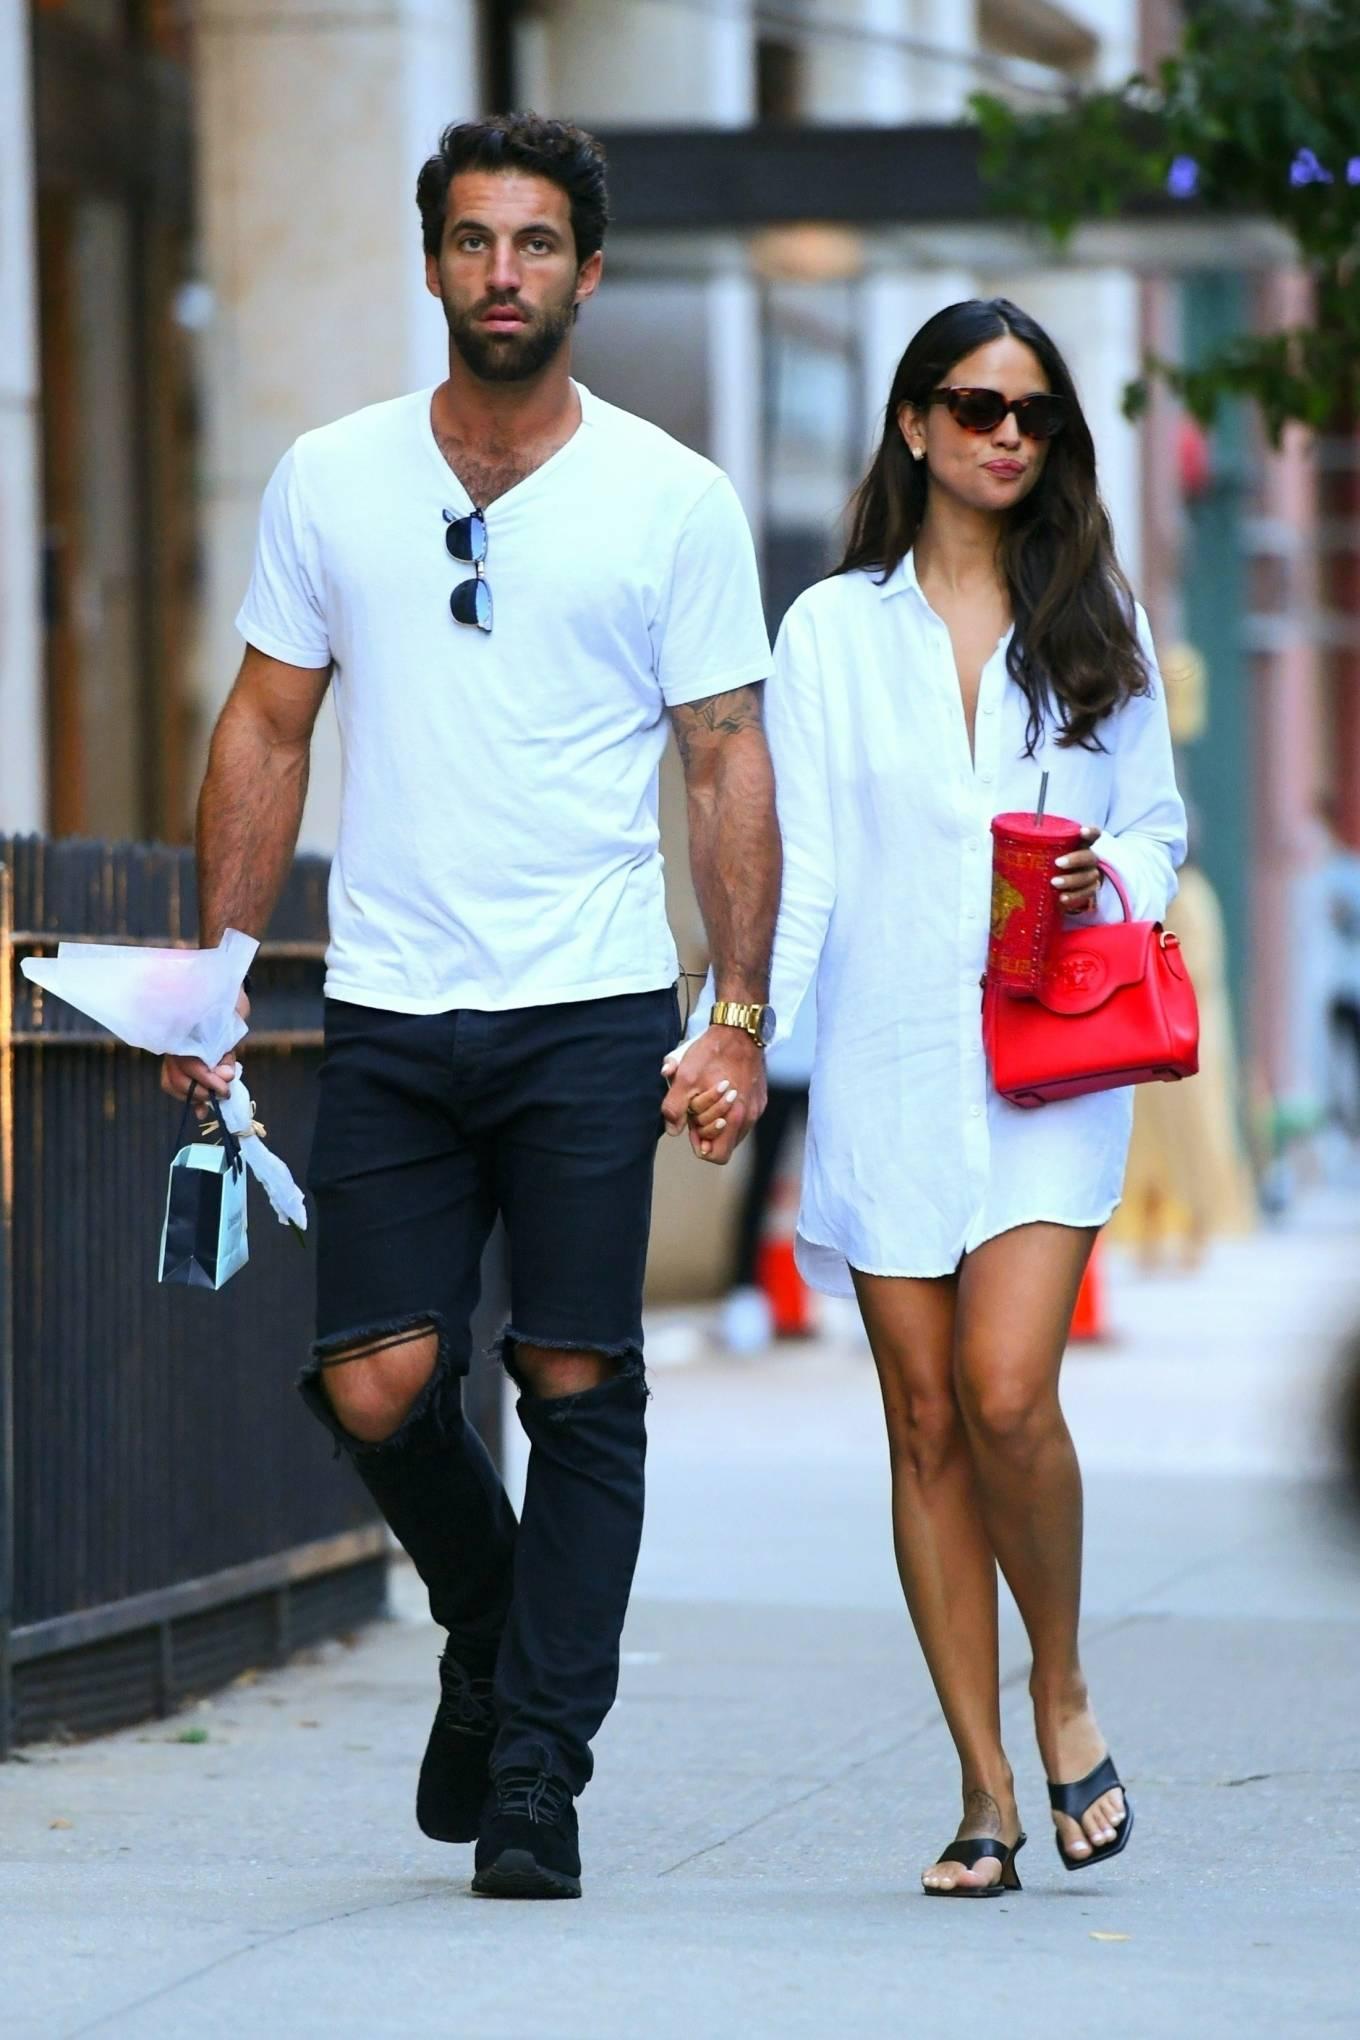 Eiza Gonzalez - With her boyfriend Paul Rabil on a stroll in New York